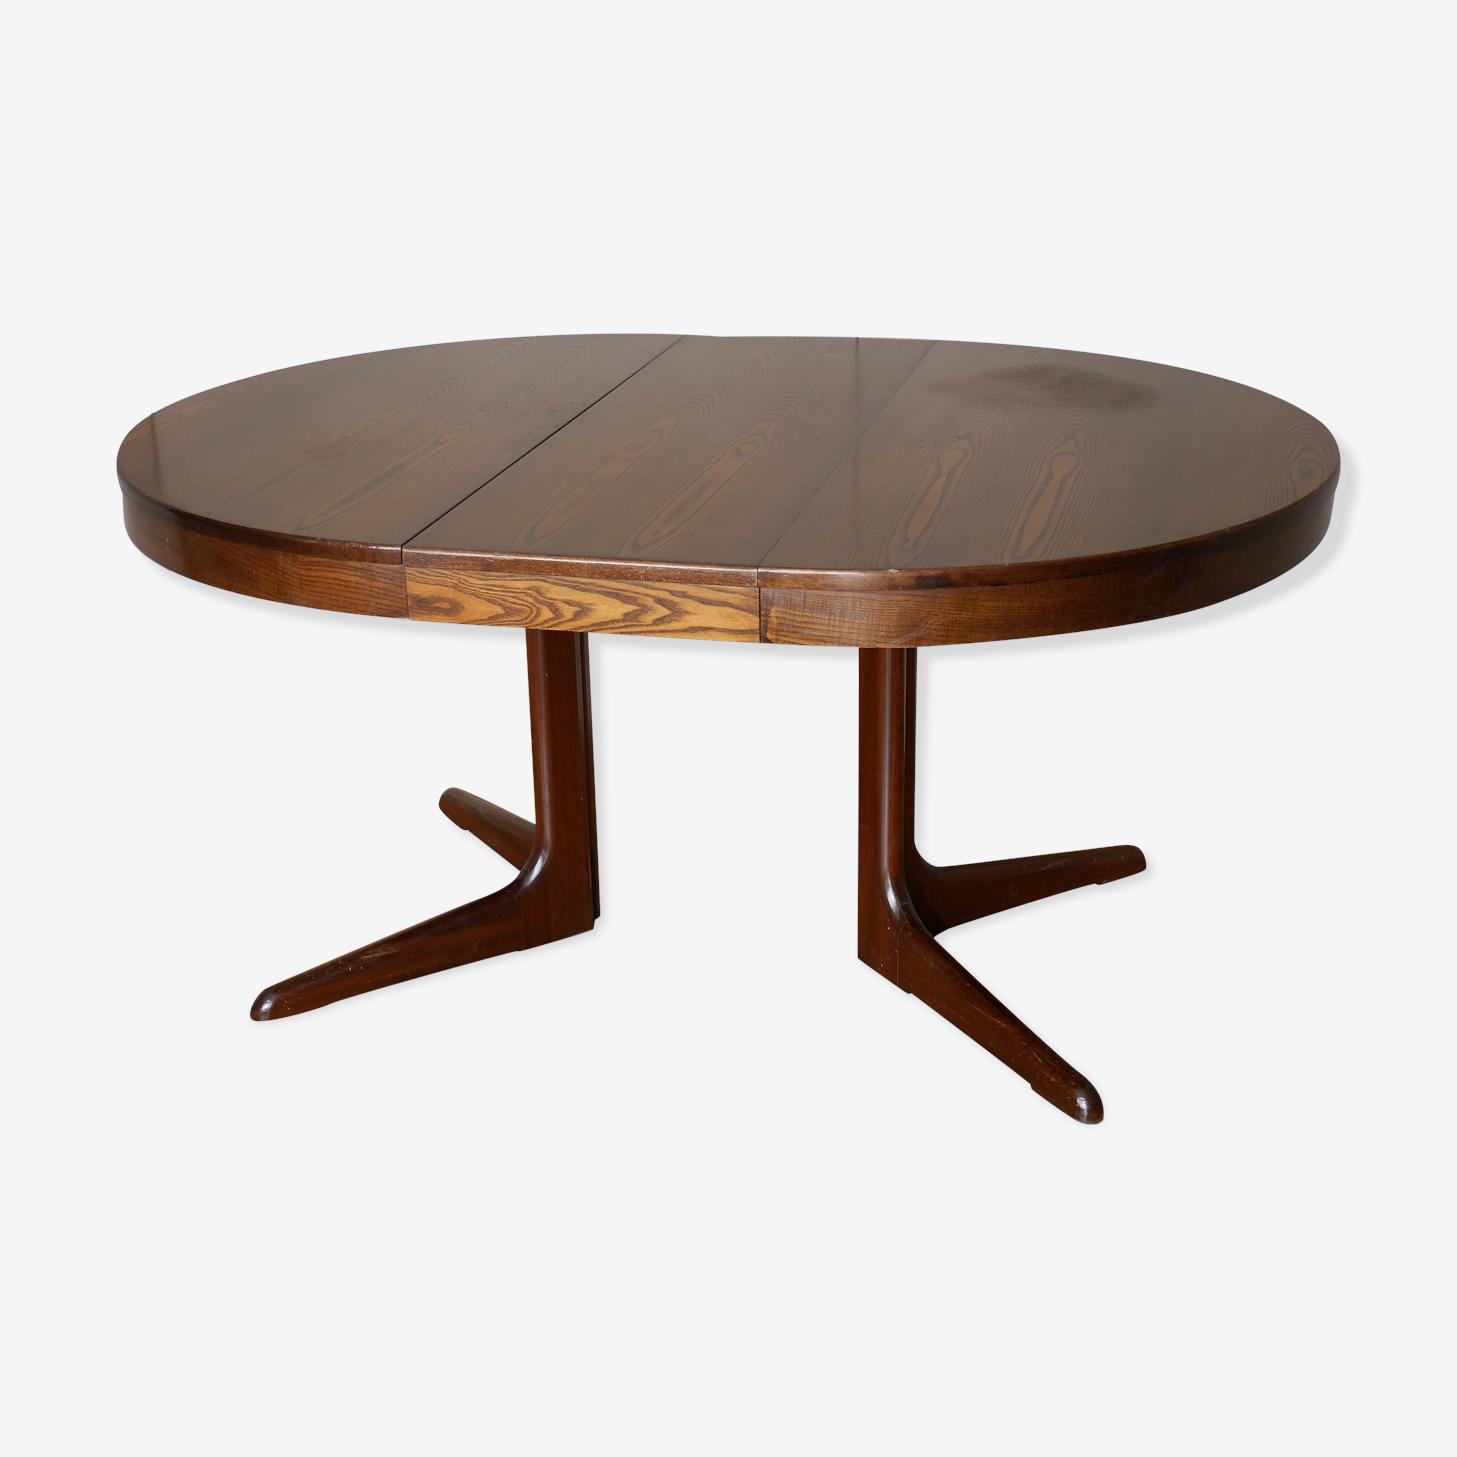 Table Ronde Extensible En Bois Des Annees 50 60 Wood Wooden